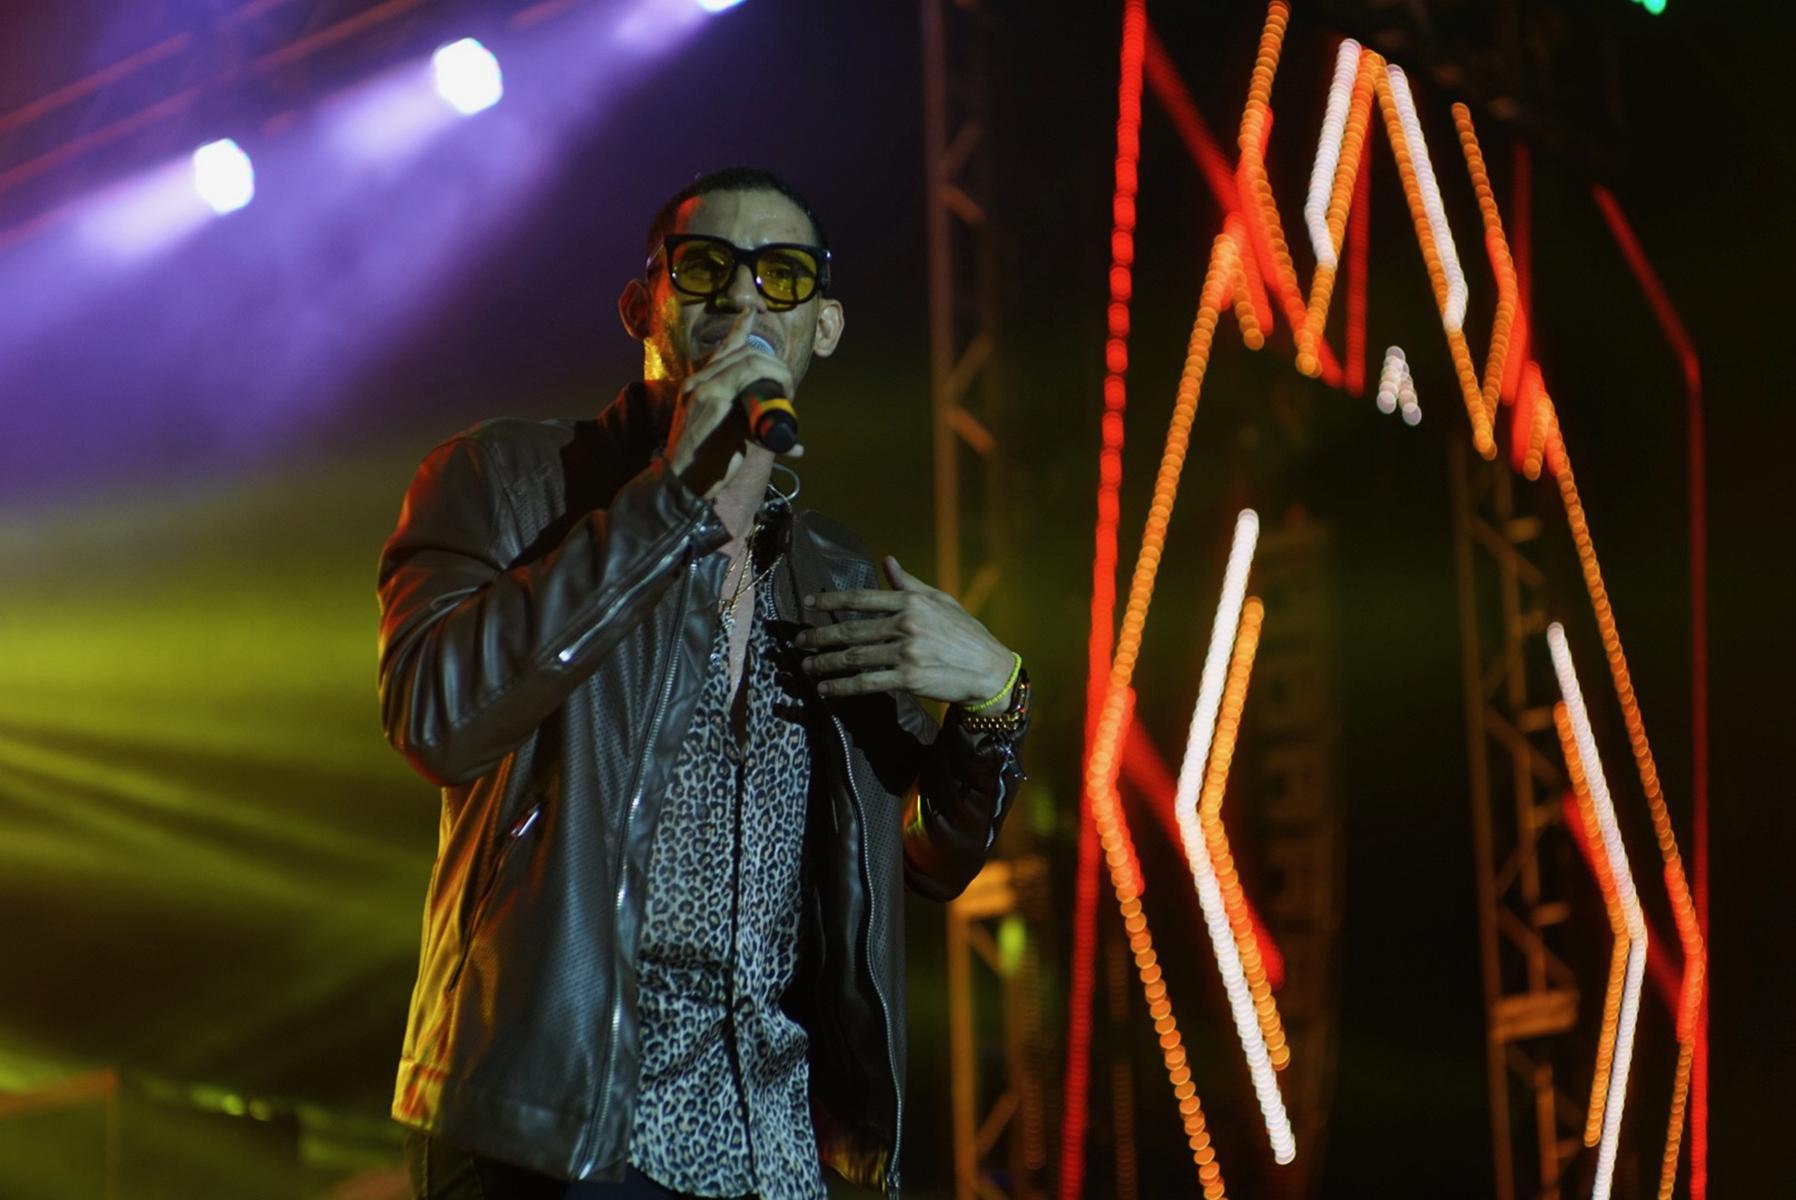 """El cantautor cubano Mucho Manolo fue uno de los invitados a la tercera edición de """"La Calle Bella"""". Suministrada"""